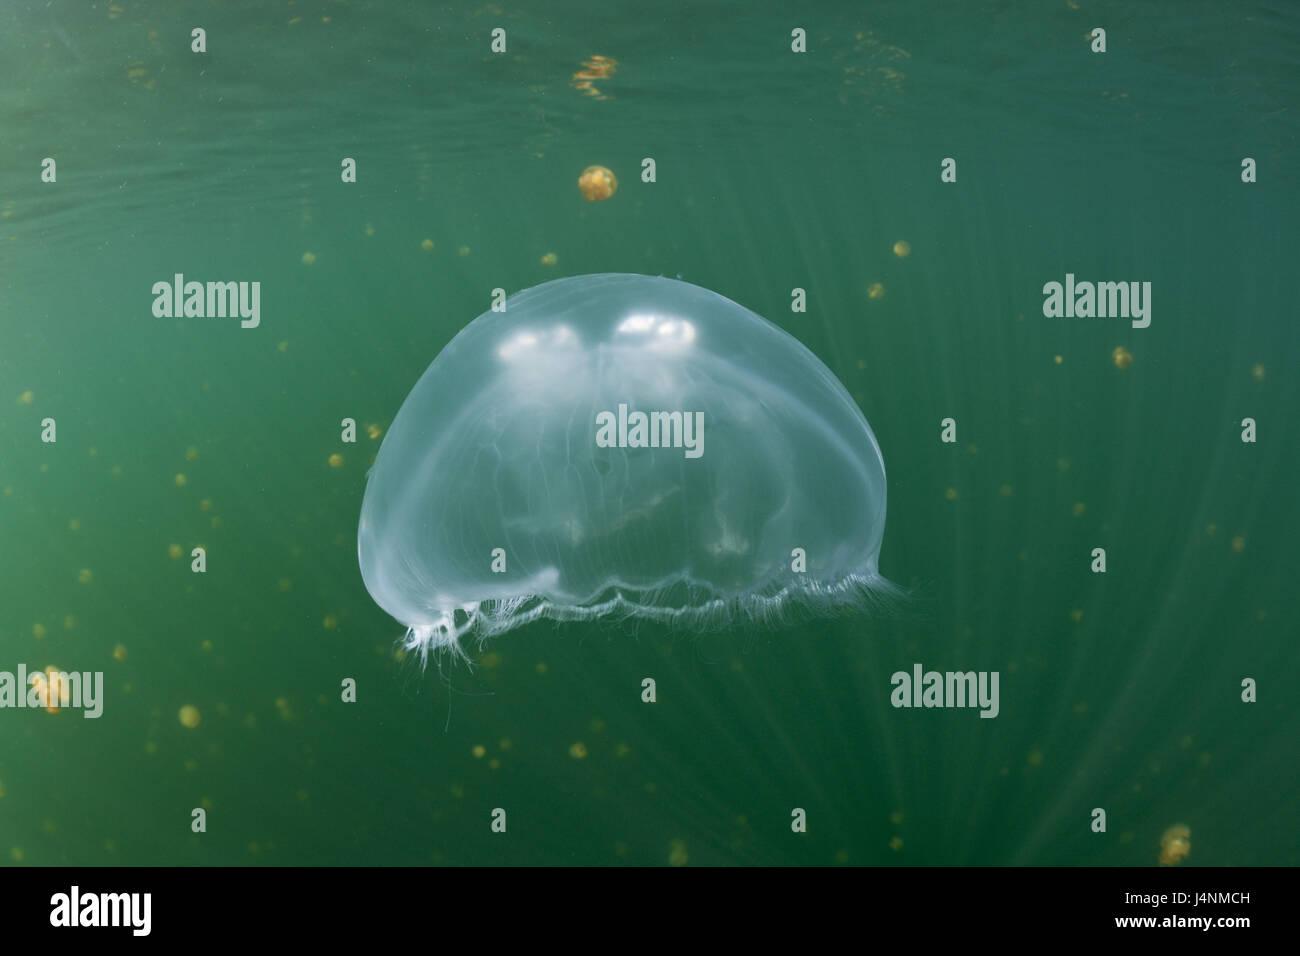 Unterwasser-Aufnahme, Ohr Quallen, Aurelia Golden, Stockfoto